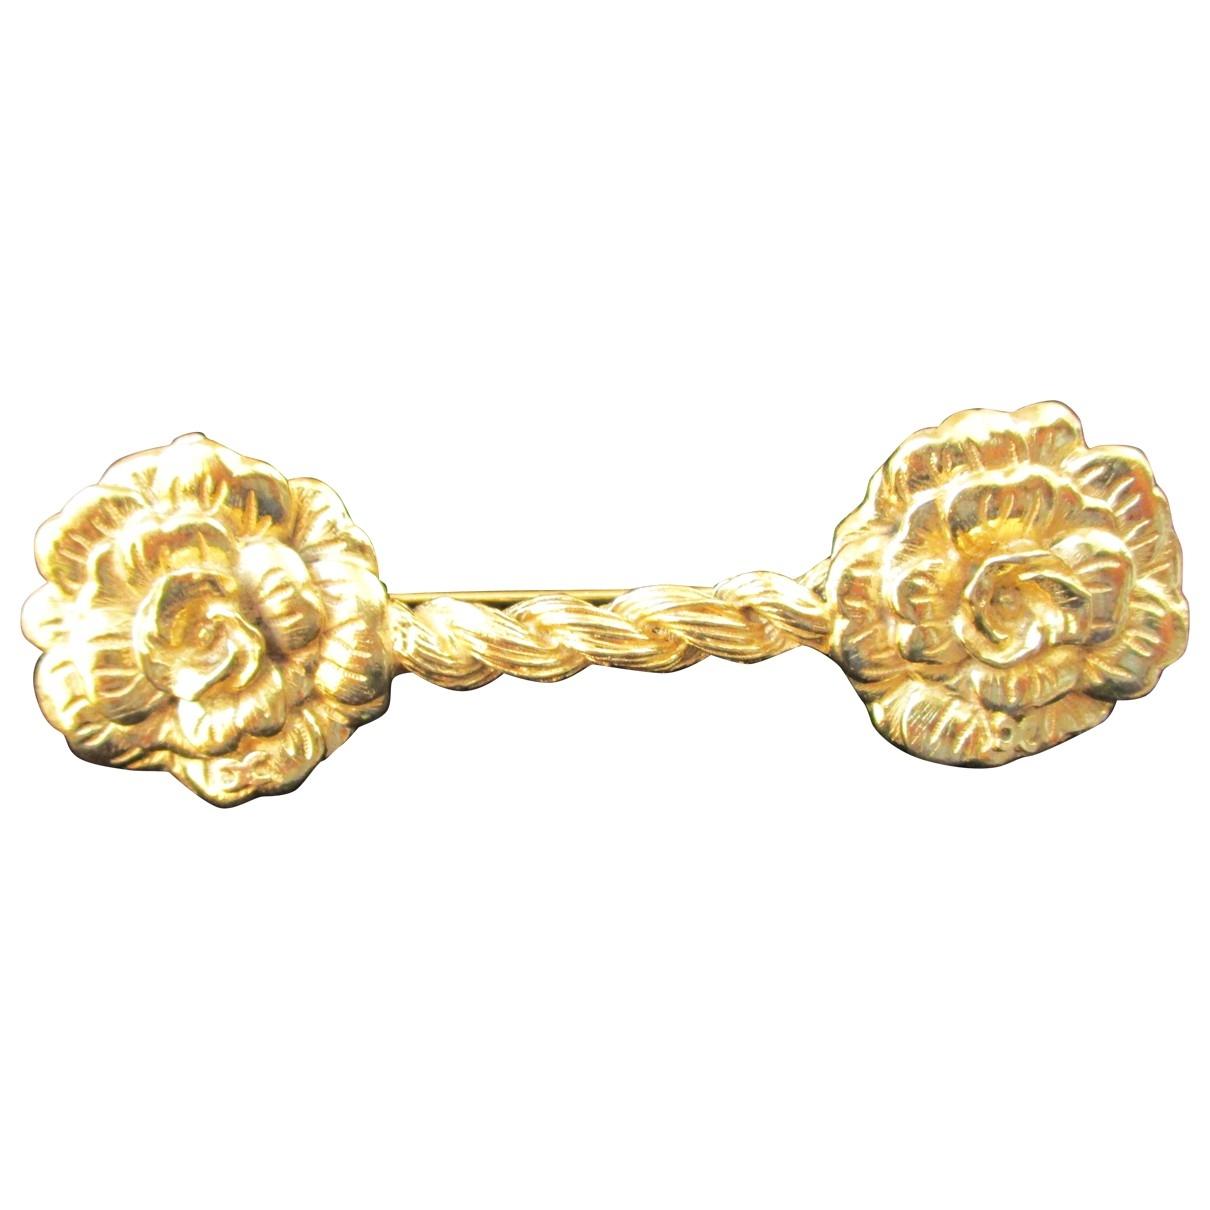 Broche Camelia en Metal Dorado Chanel